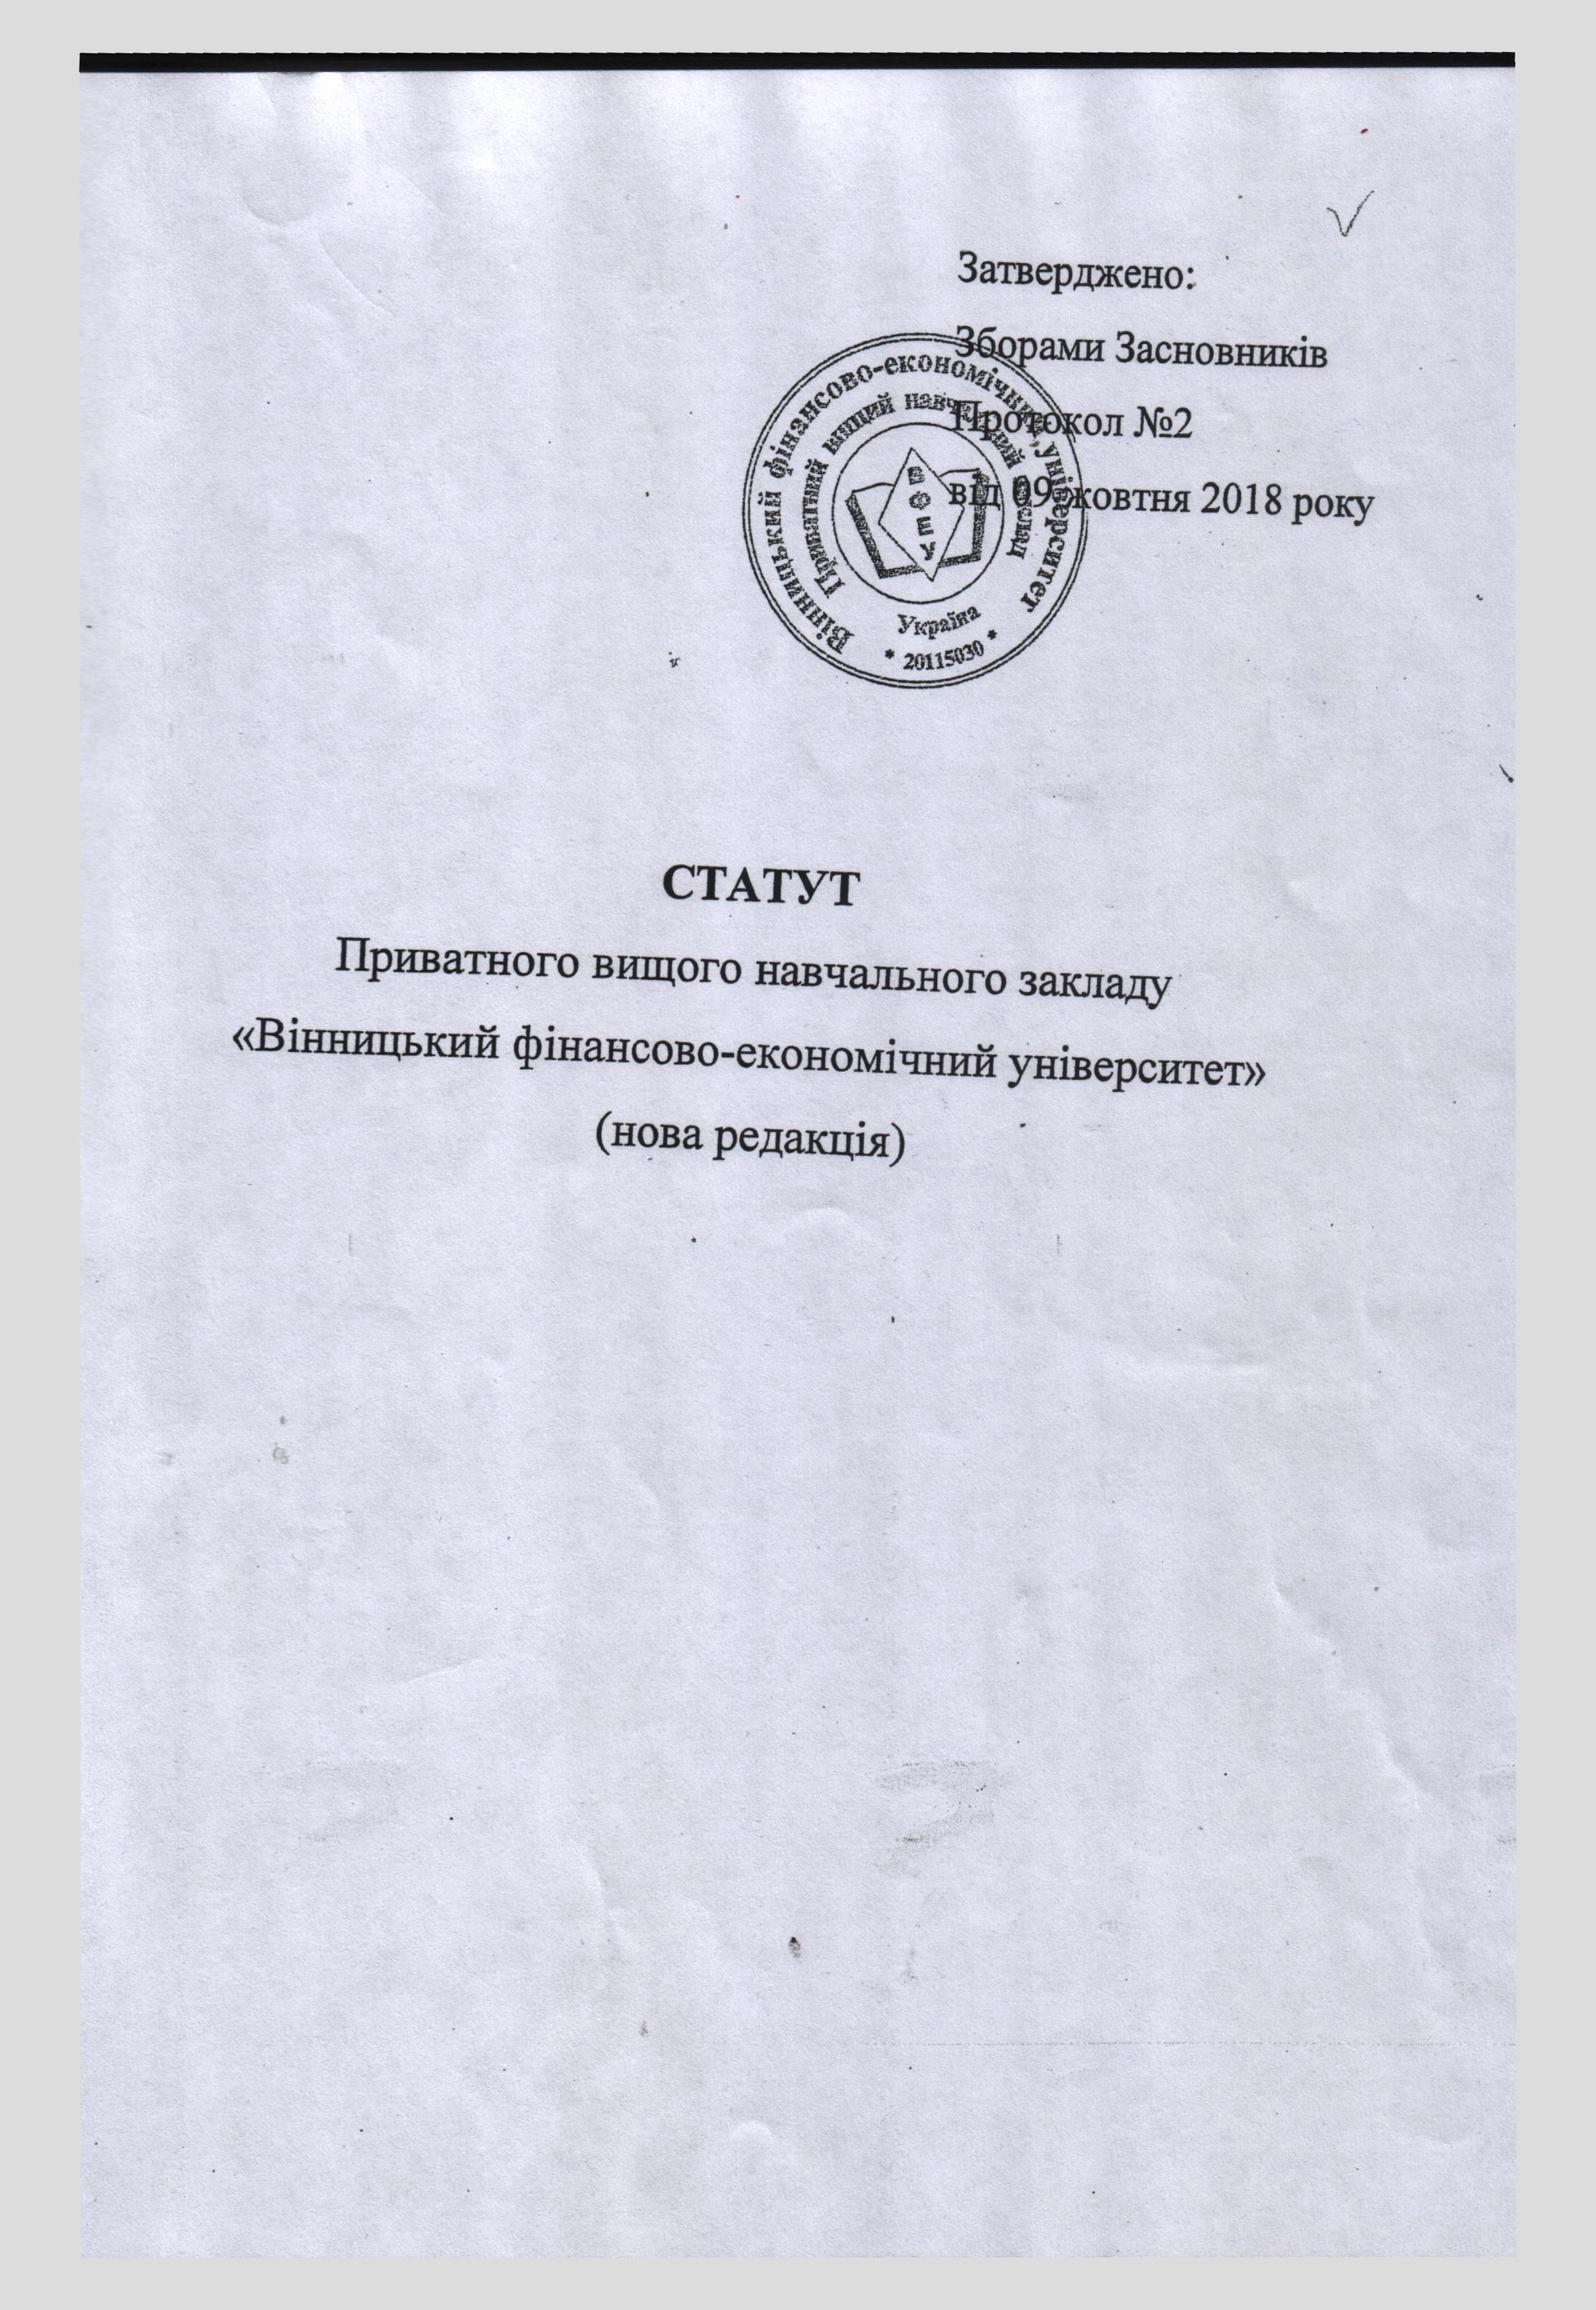 statut_titulka_i_posled_str_-_0001.jpg (945.89 Kb)